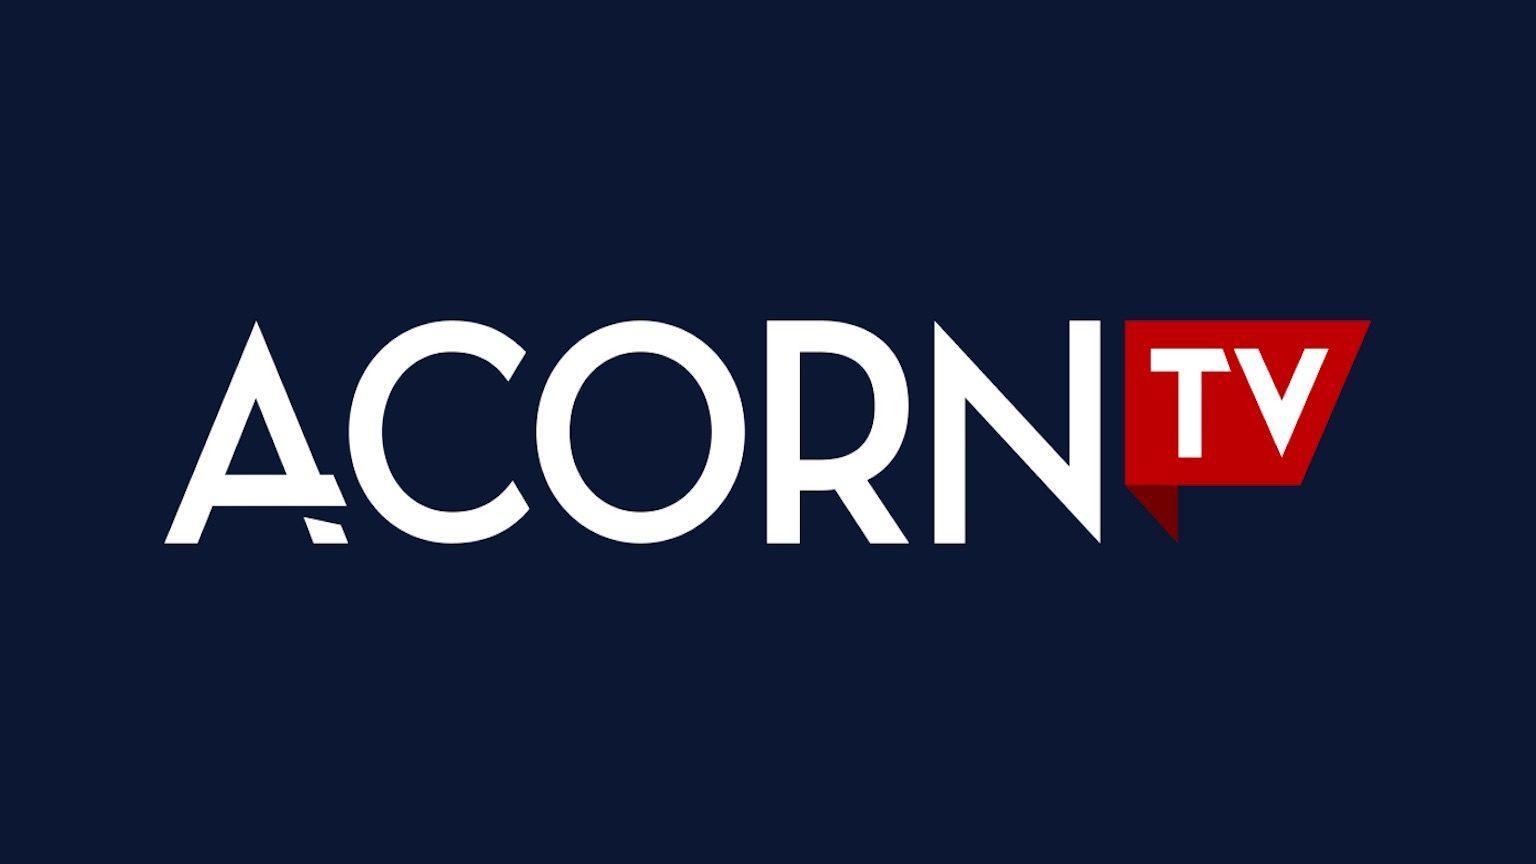 Acorn TV logo